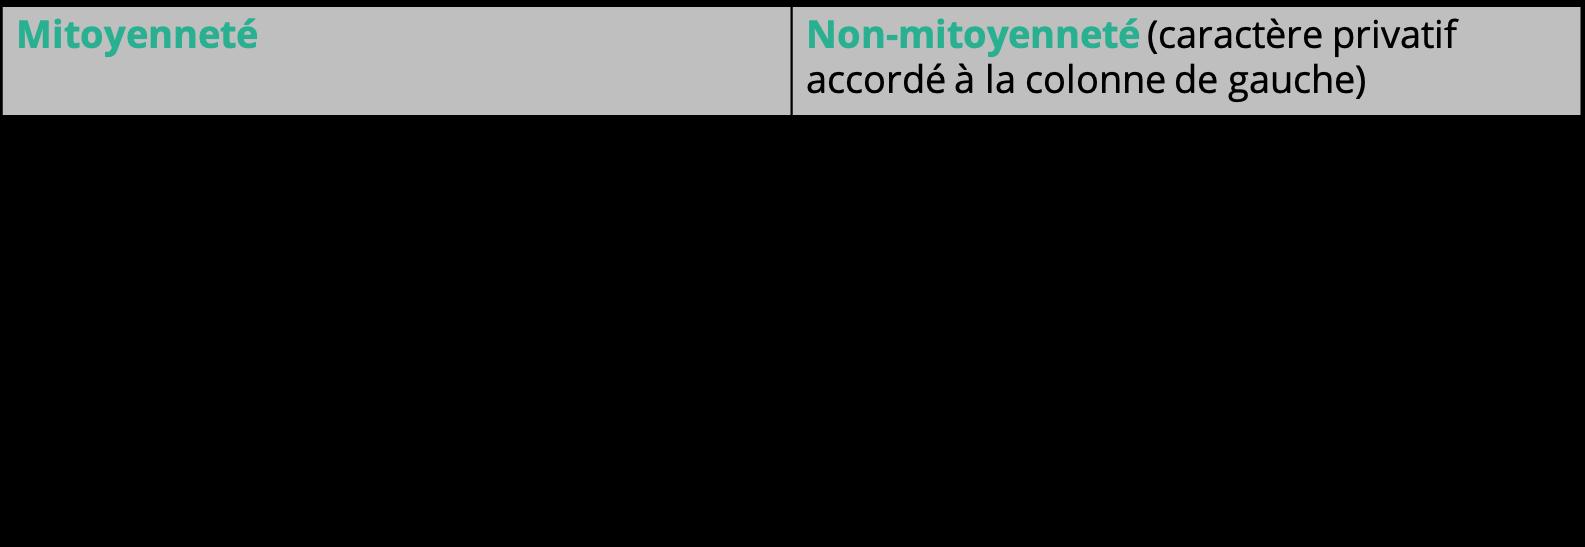 Mitoyenneté